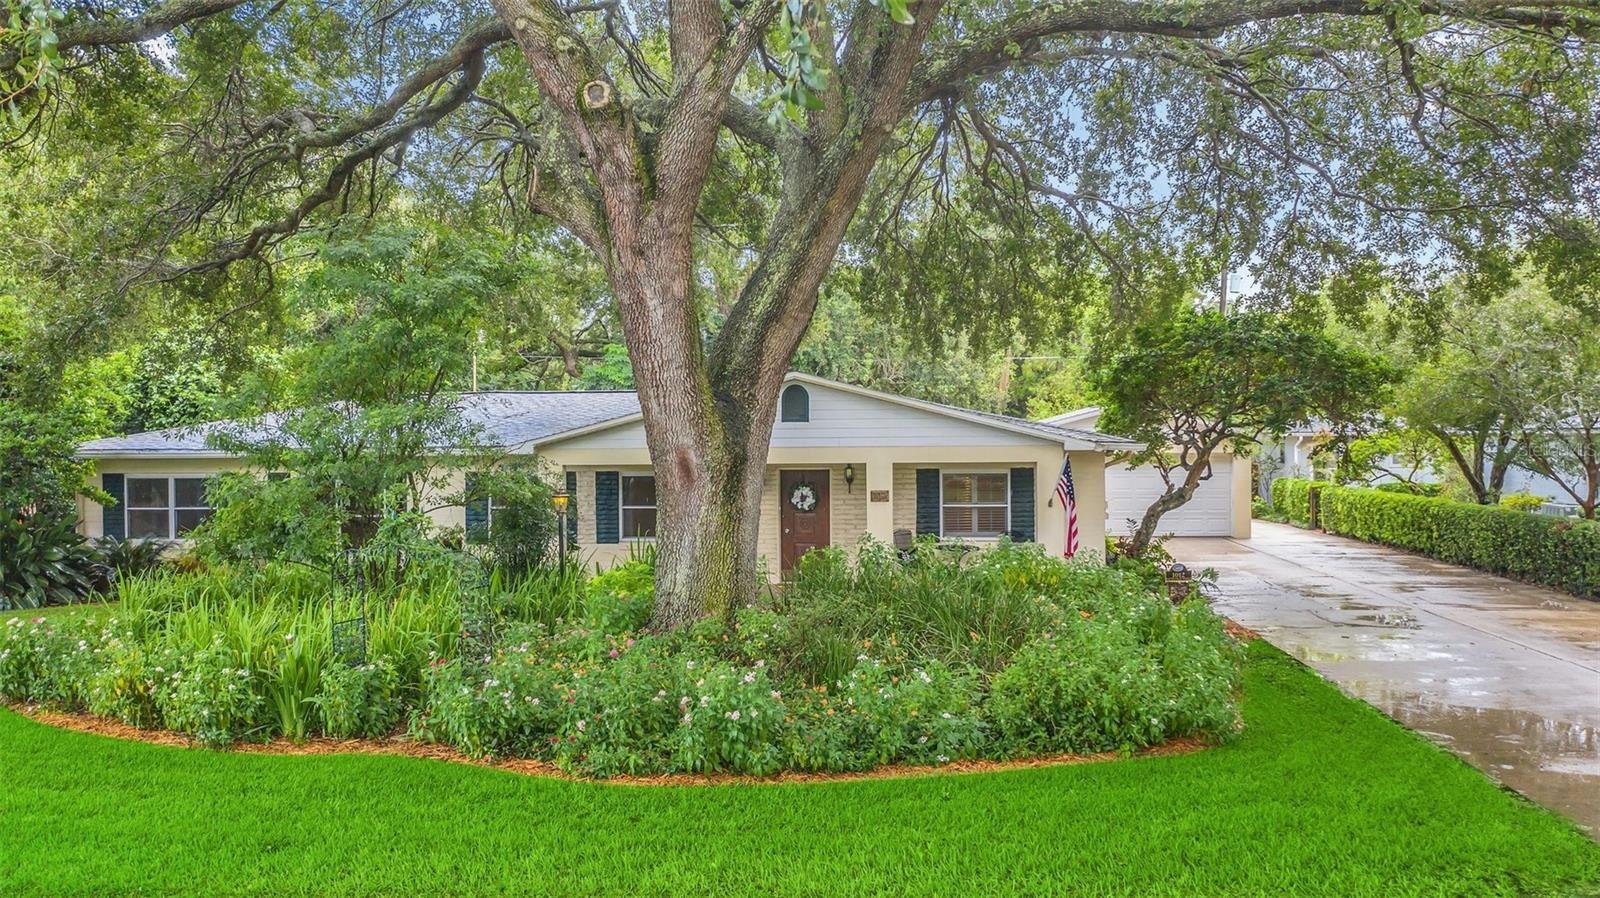 1012 S PALM AVENUE, Orlando, FL 32804 - #: O5969336